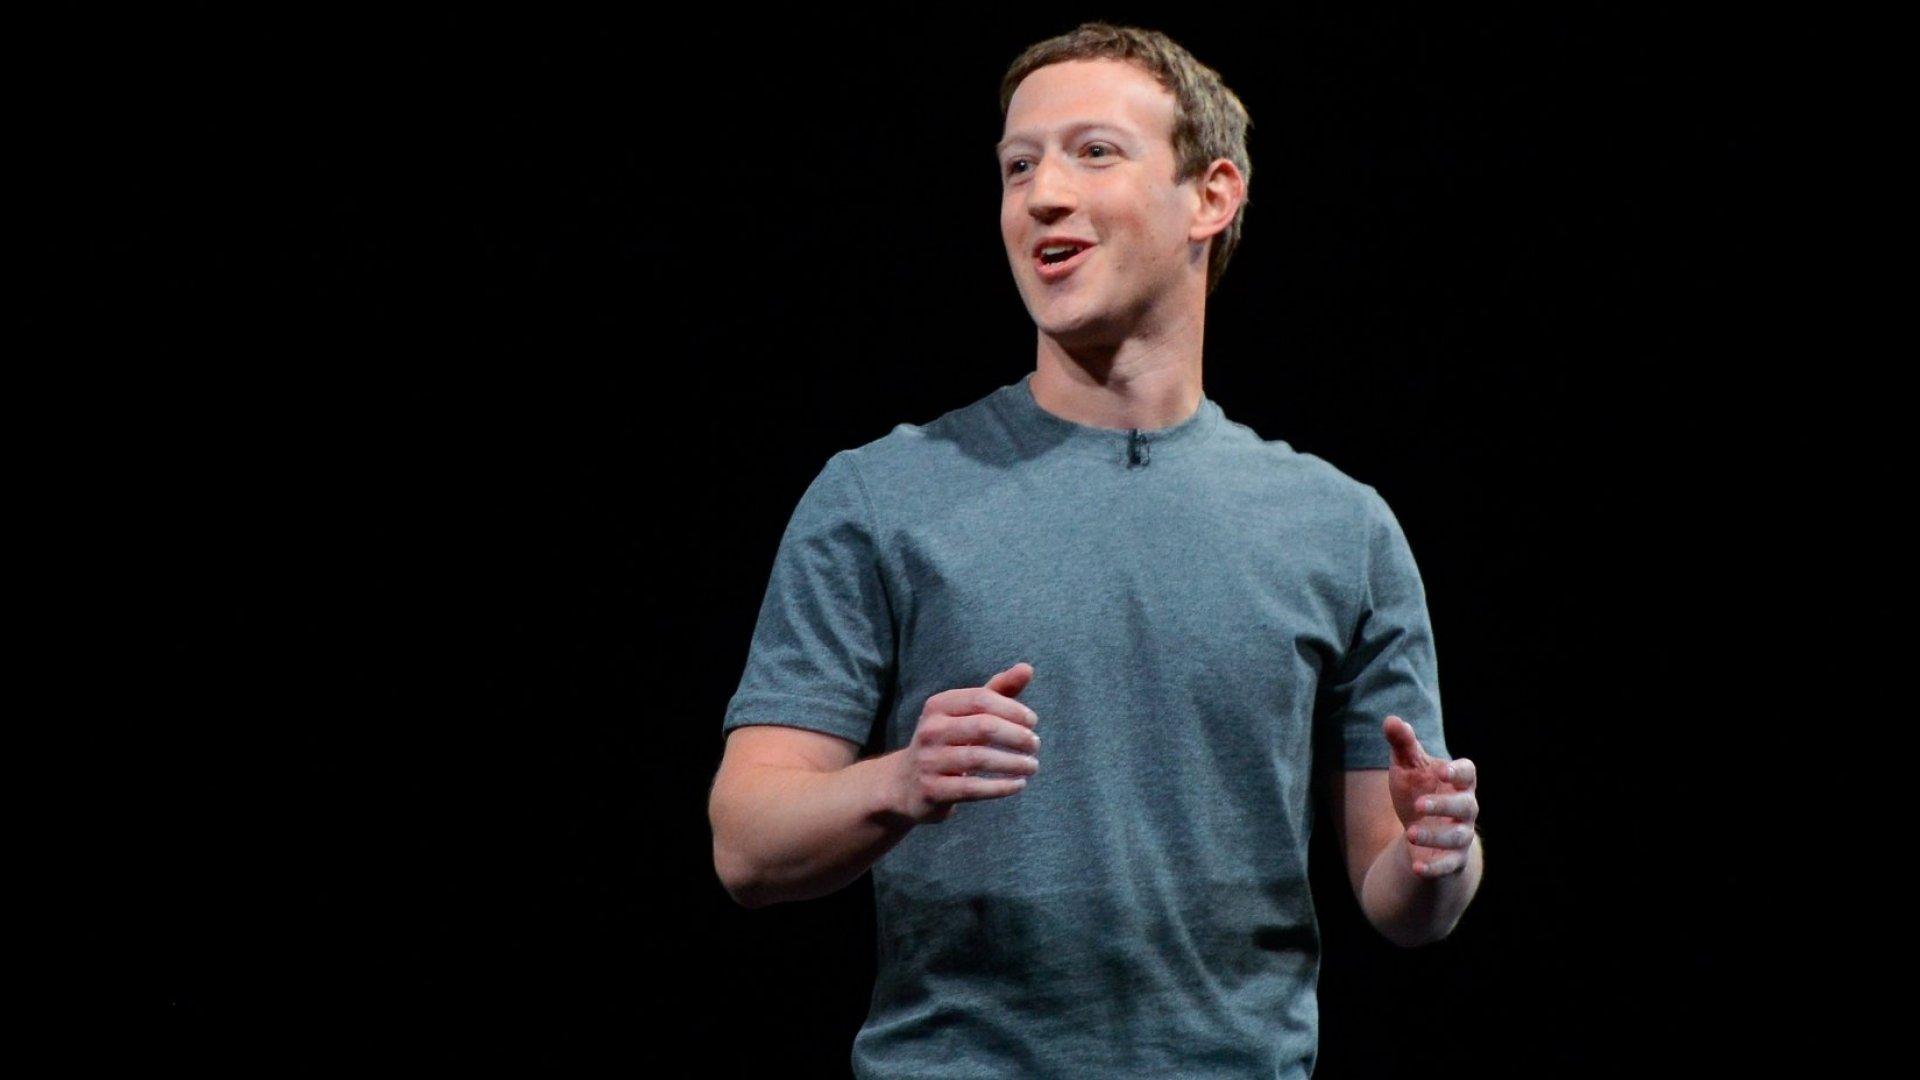 How to Understand Mark Zuckerberg's Success in 1 Quote